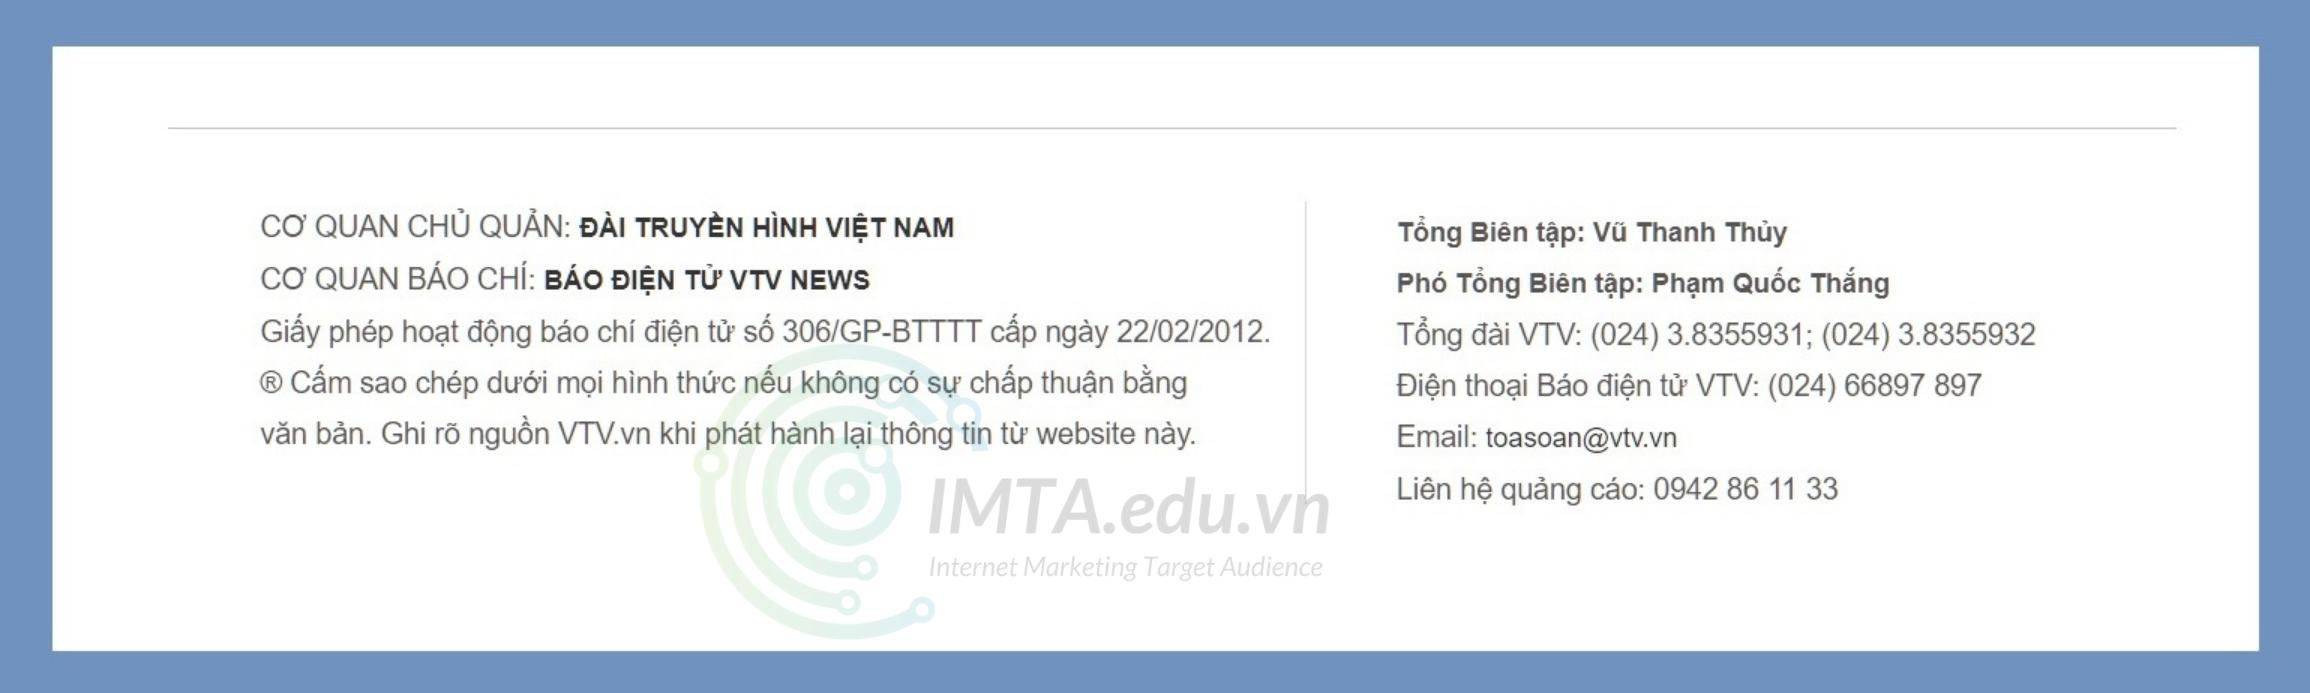 Ví dụ về Footer của VTV.vn